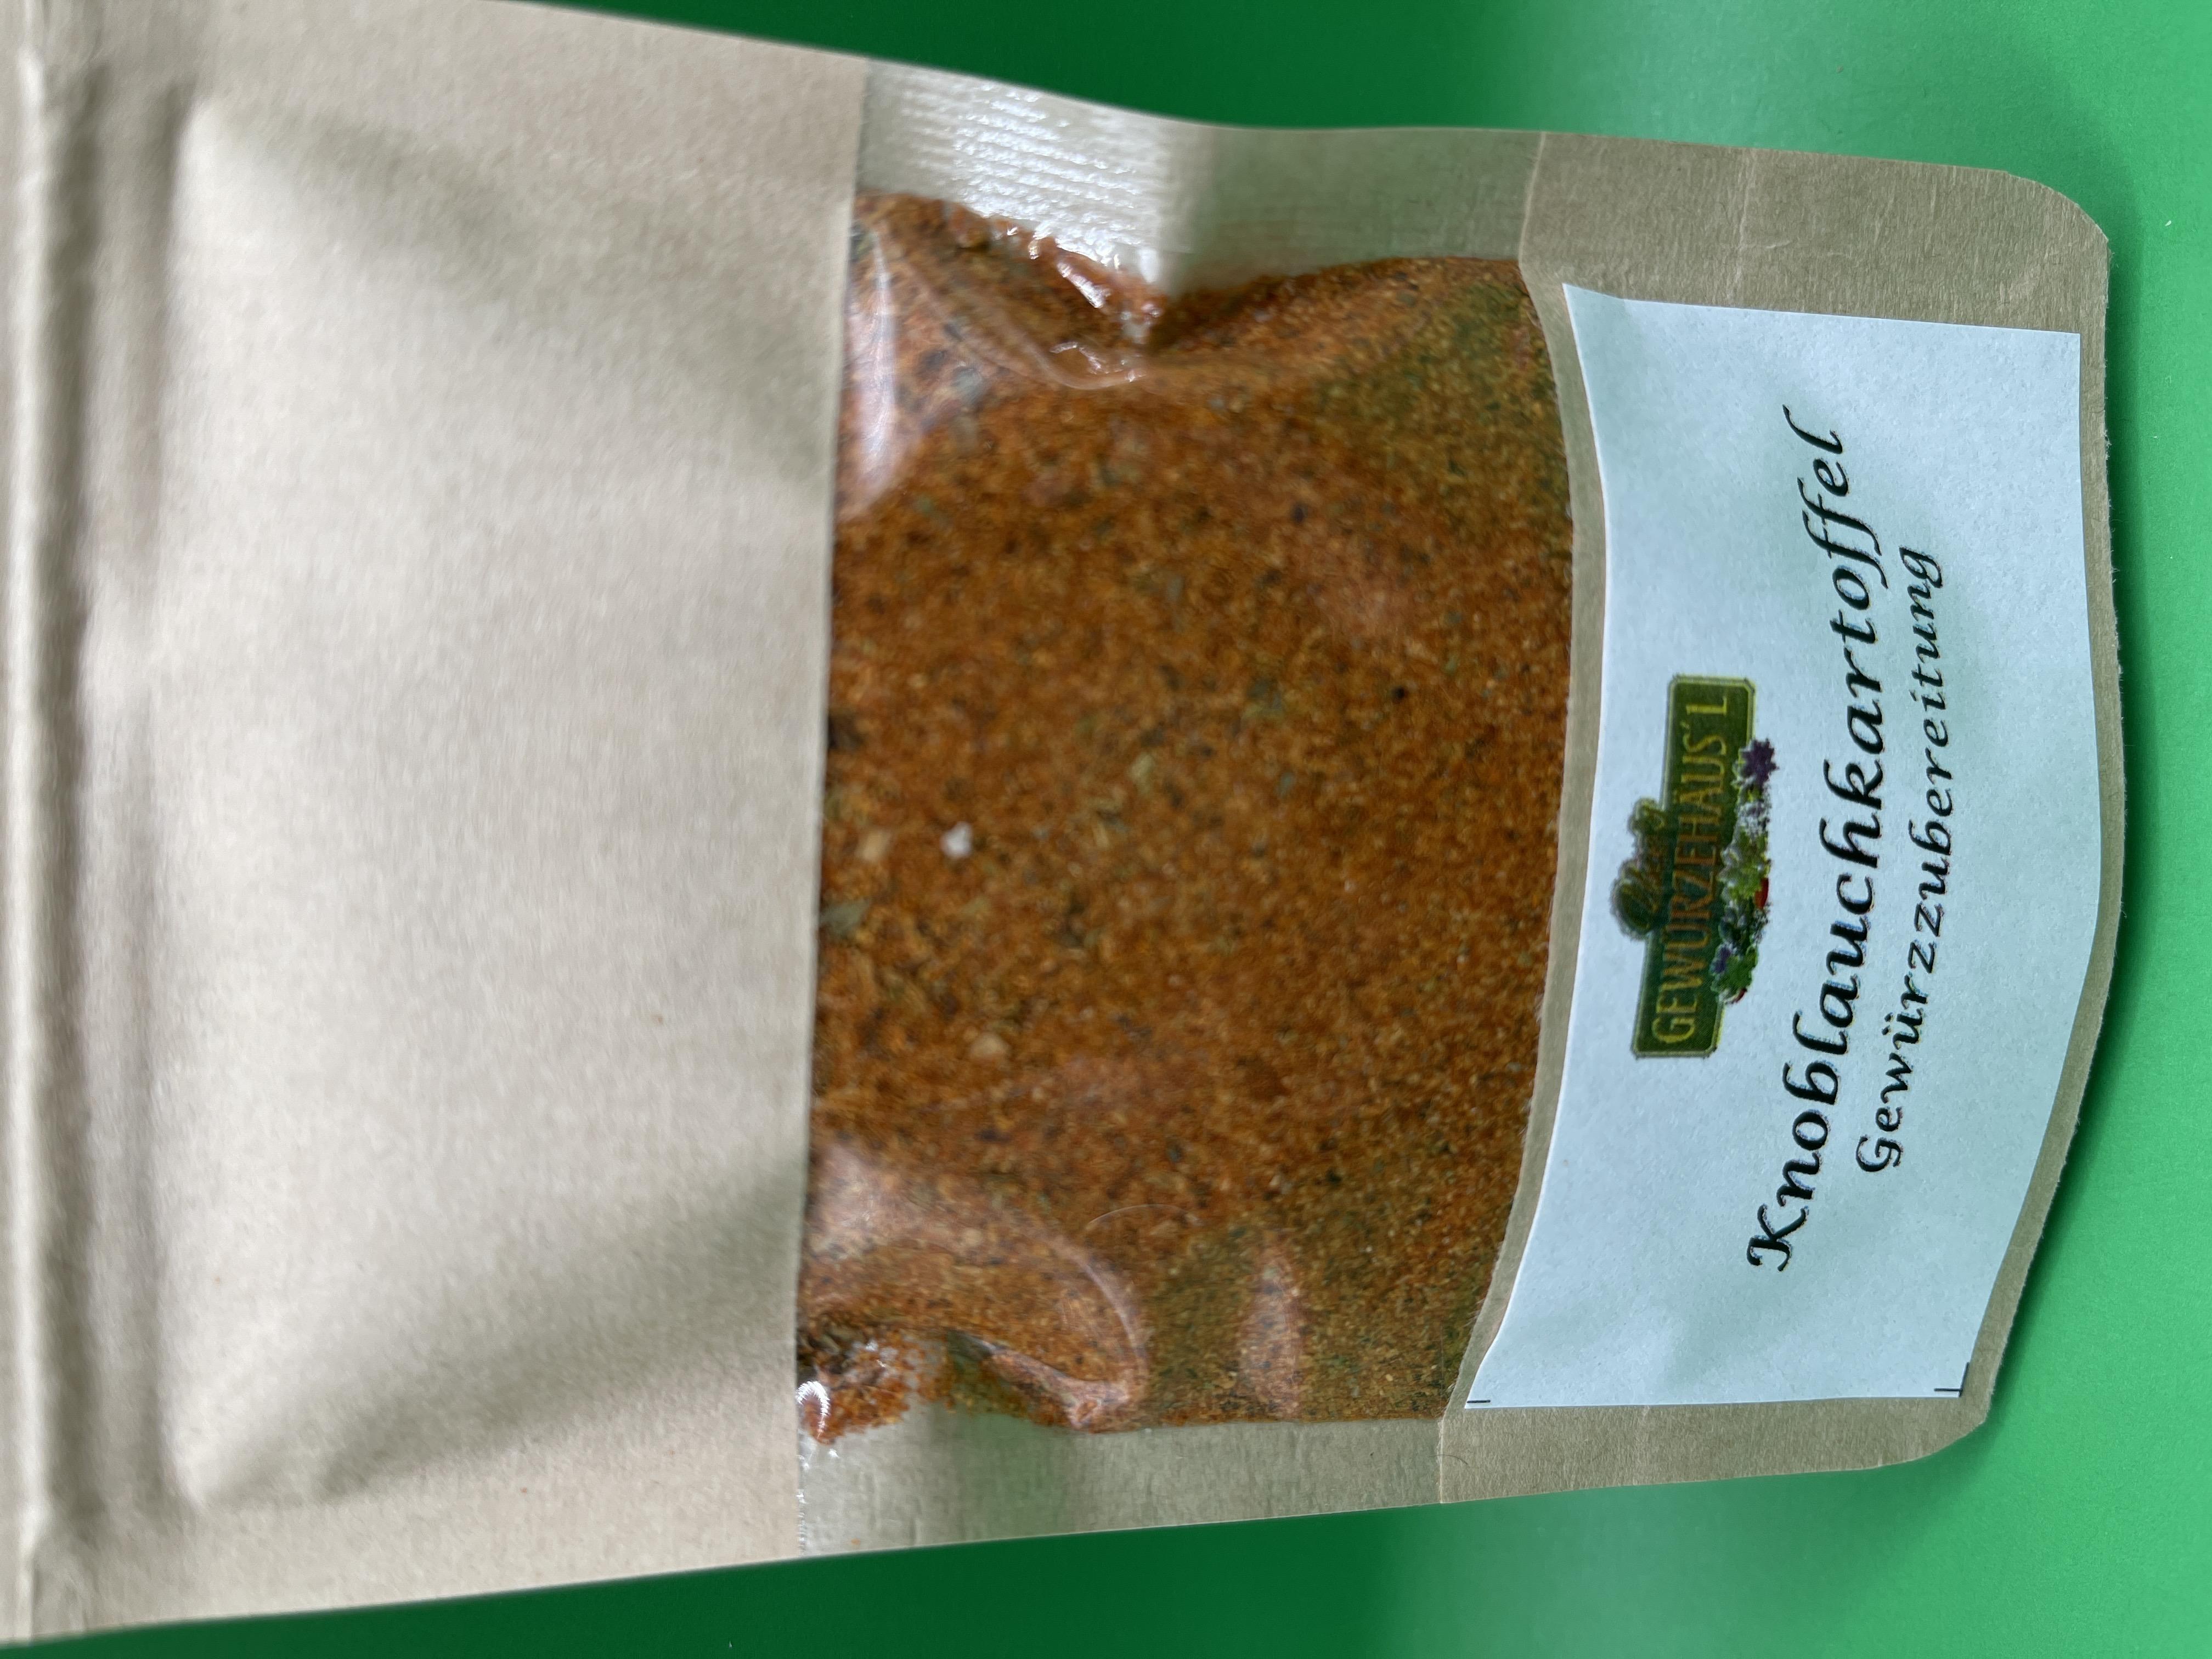 Knoblauchkartoffel-Gewürzzubereitung 50 g